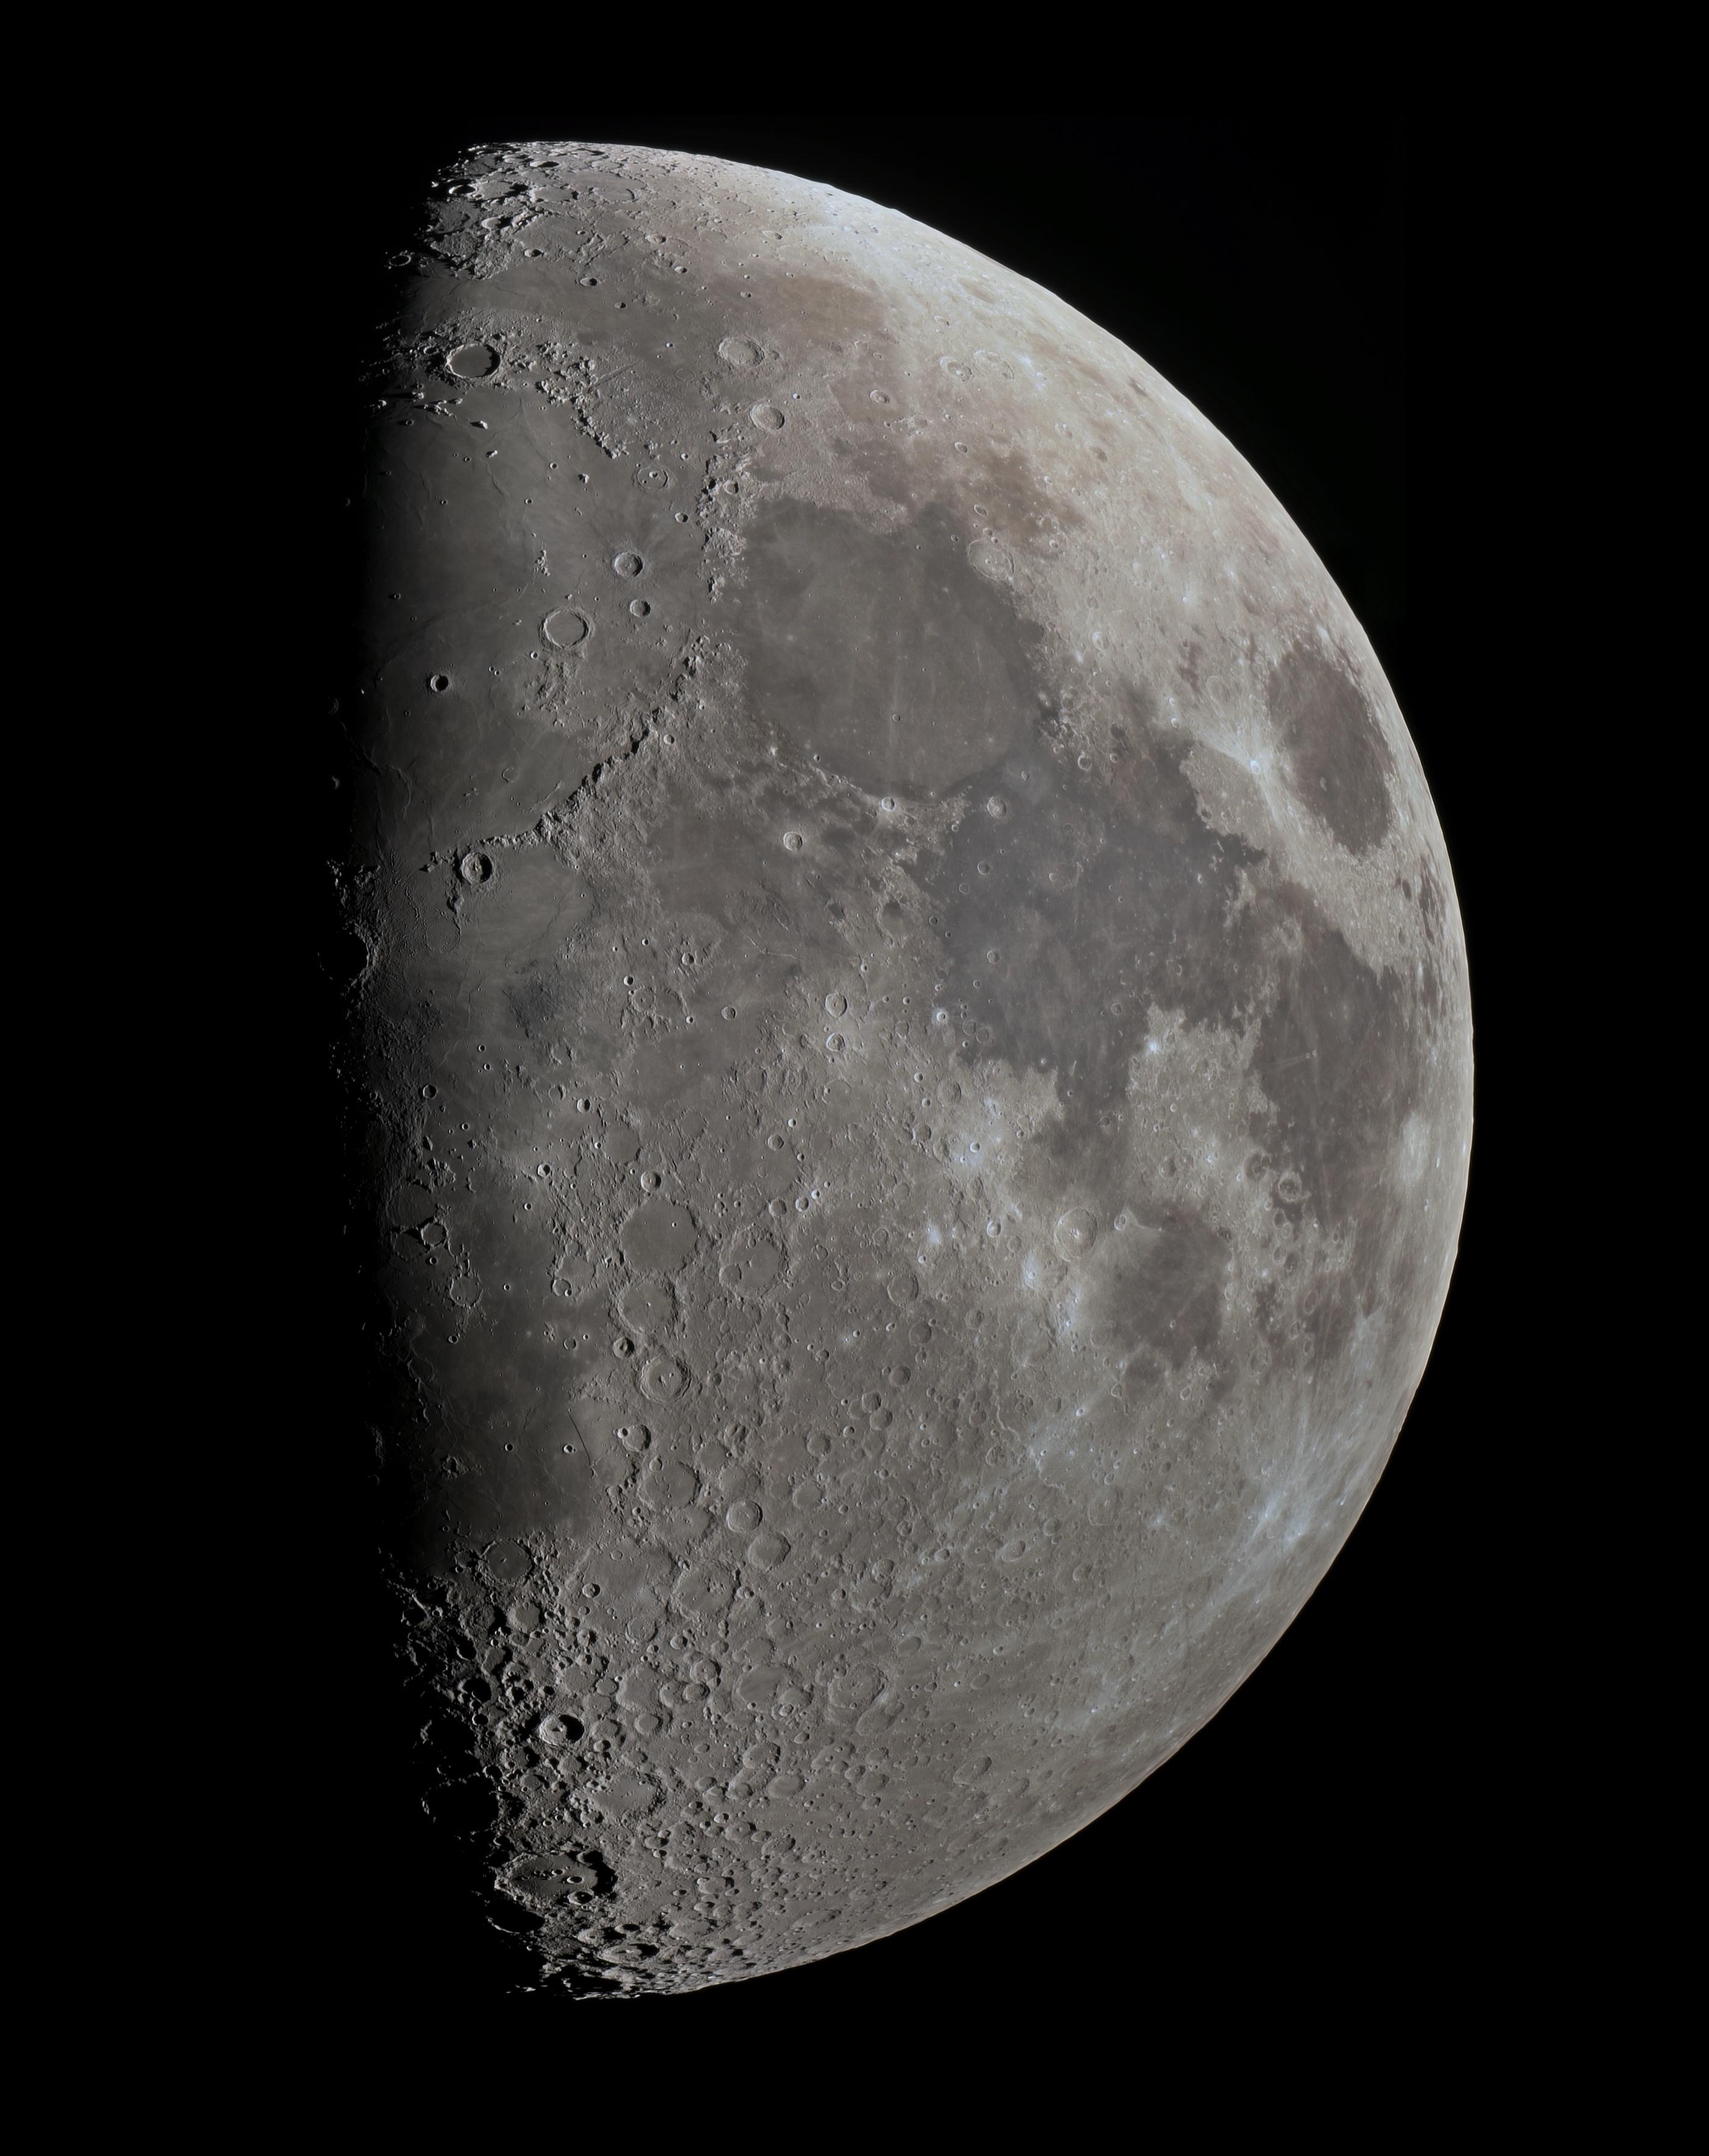 Lune du 3 mars 2020 ( Cassegrain 250mm + A7s au foyer en mode APS-C )